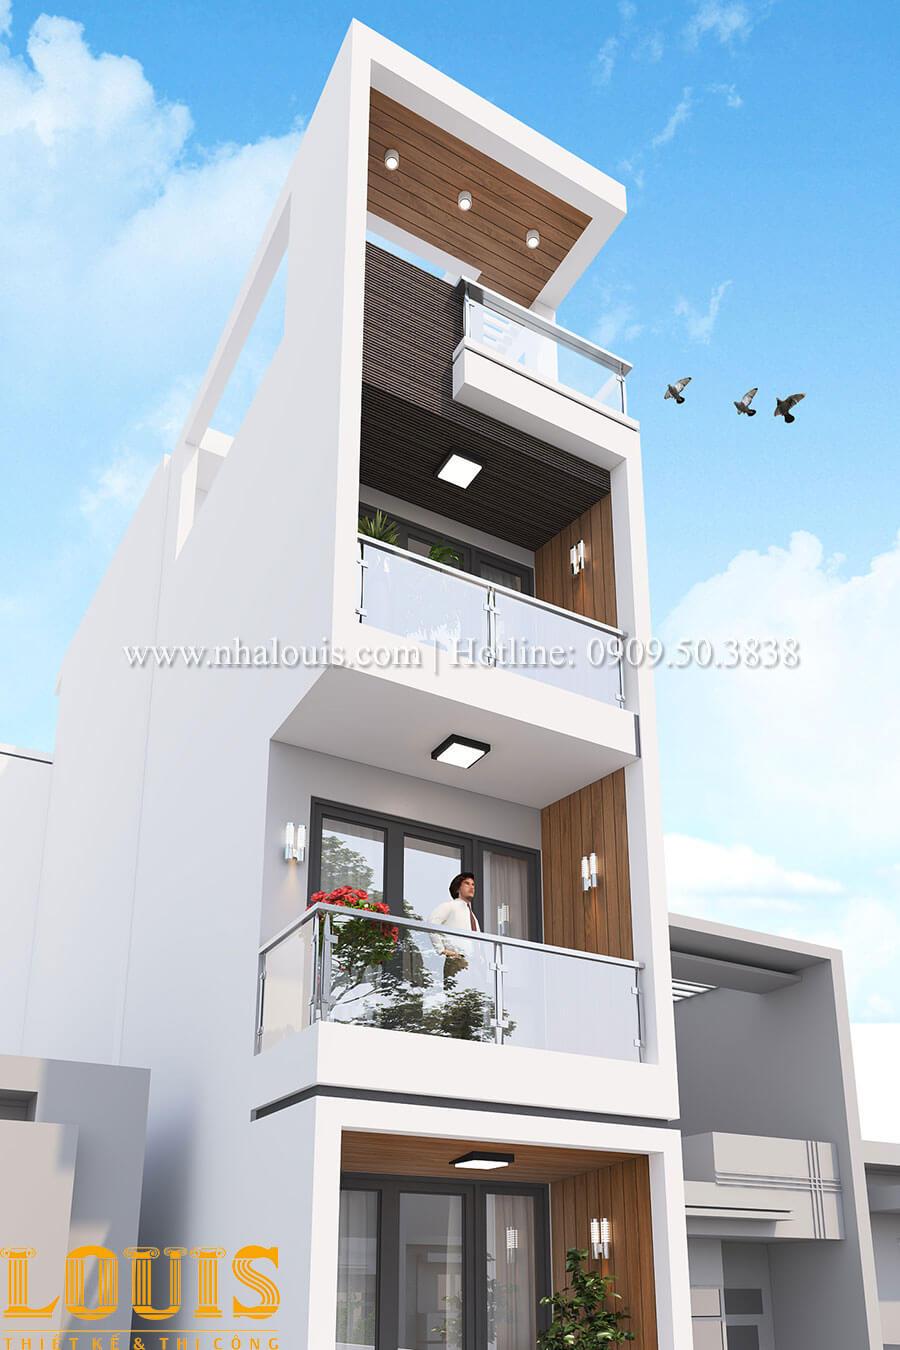 Mặt tiền Mẫu nhà 5 tầng đẹp hiện đại với thiết kế tối giản tại Tân Bình - 04